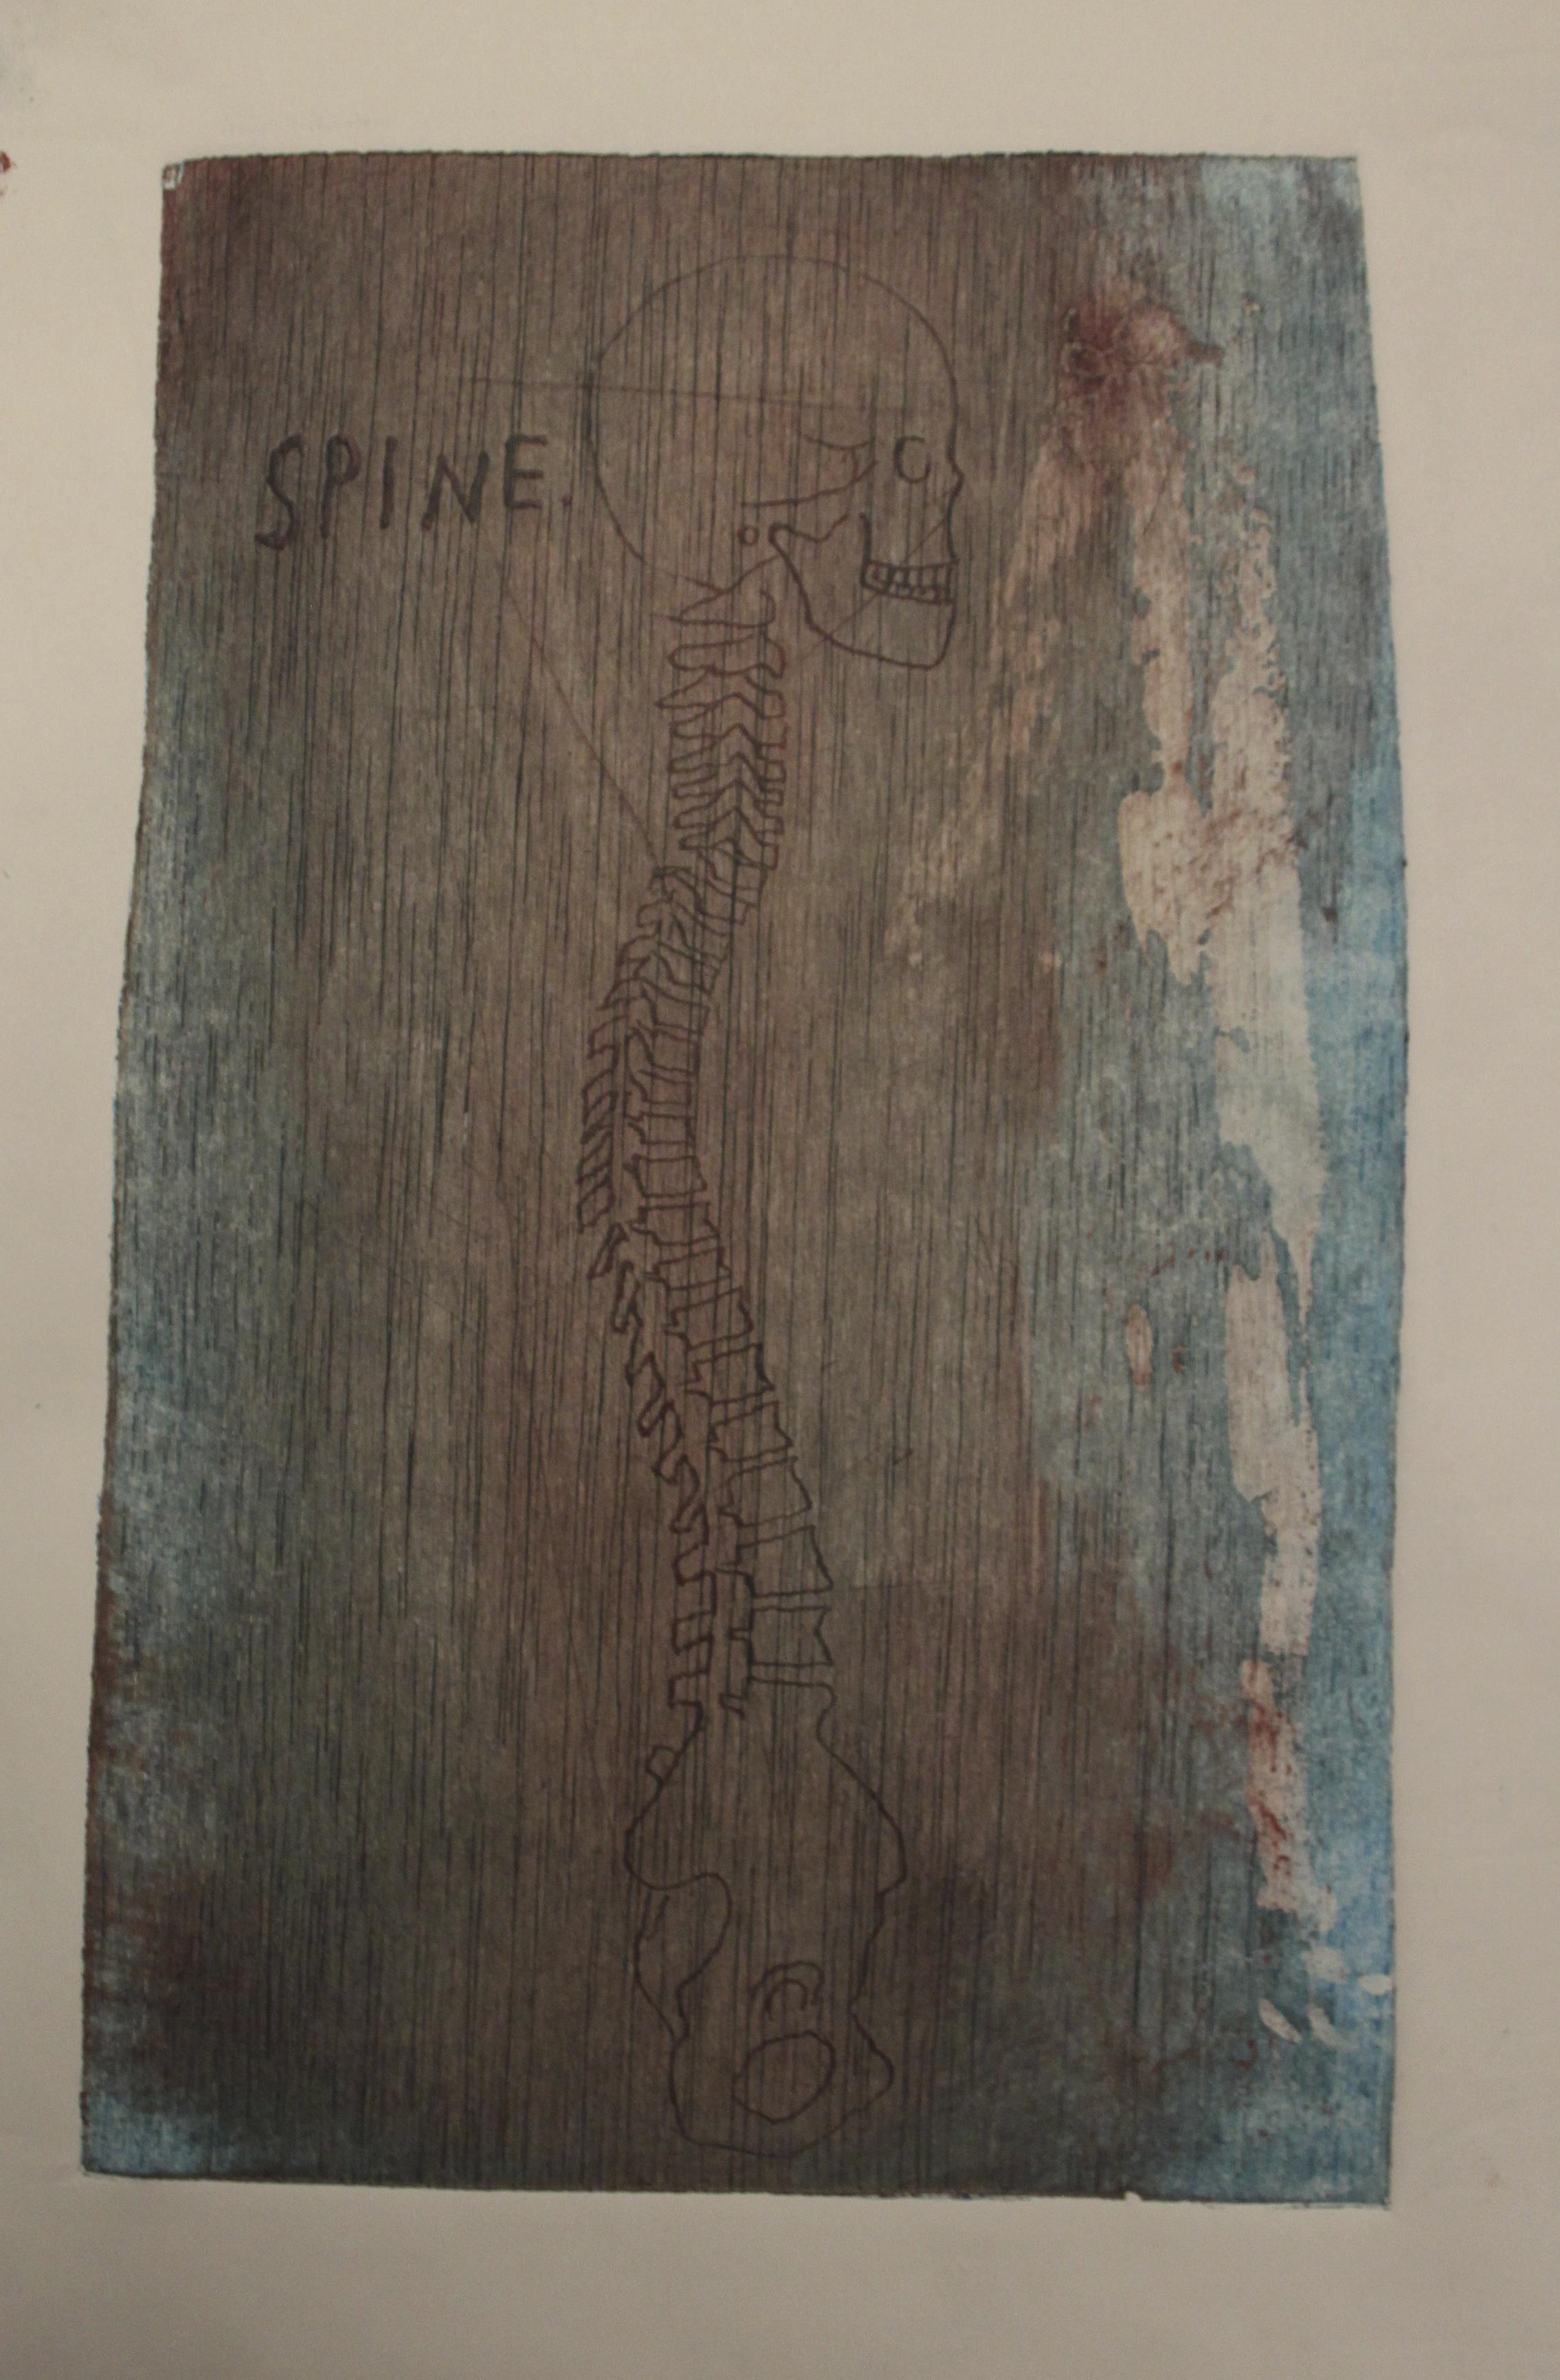 Wood-cut print